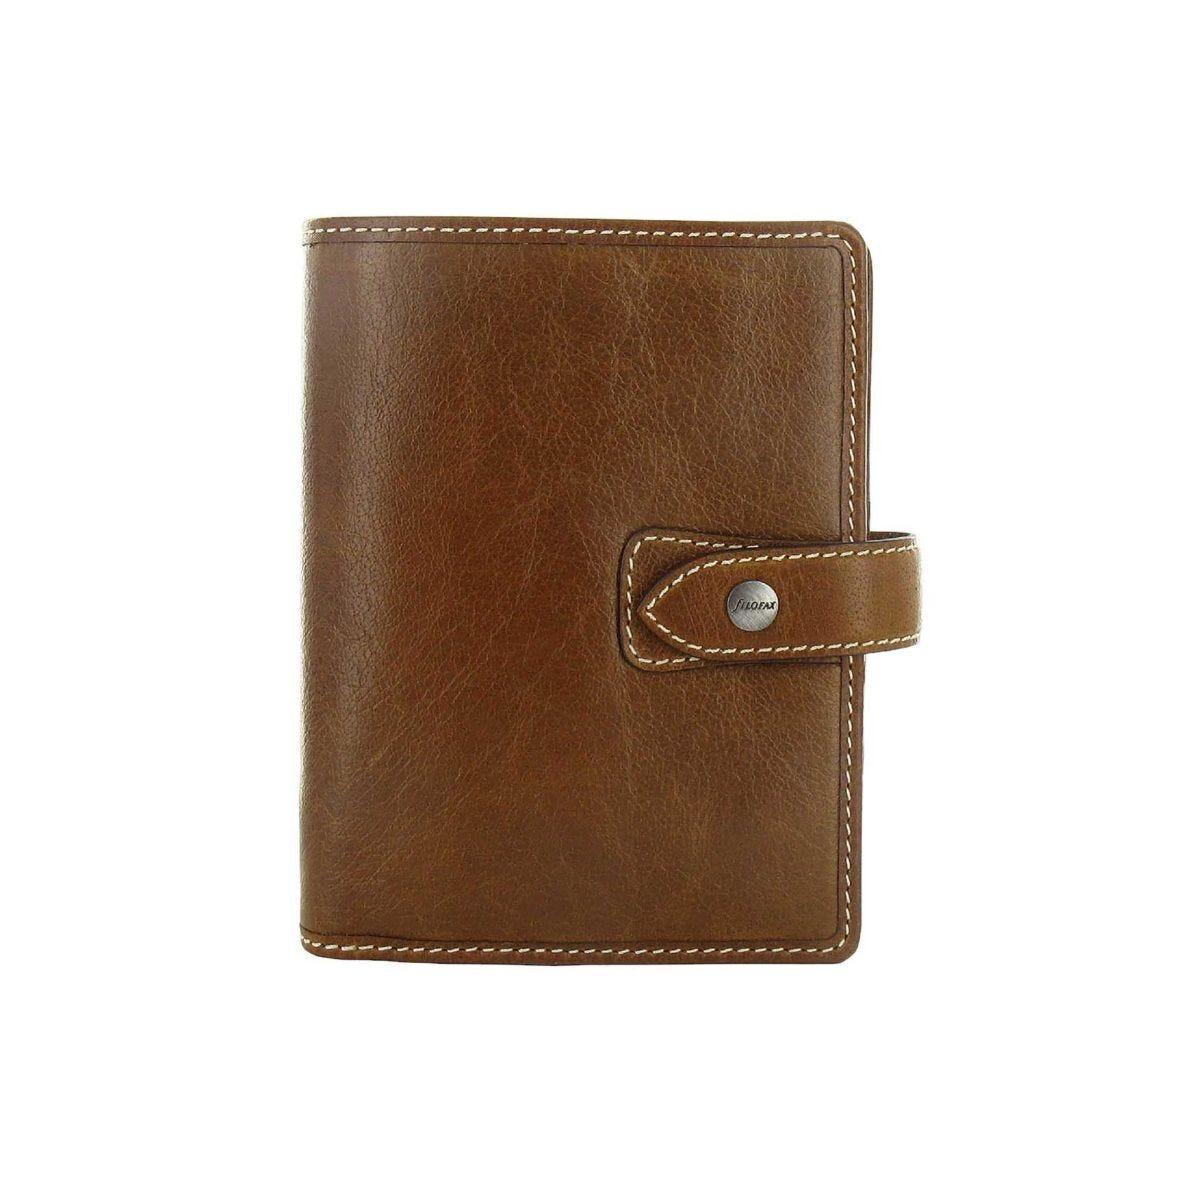 Filofax Pocket Organiser Malden Ochre